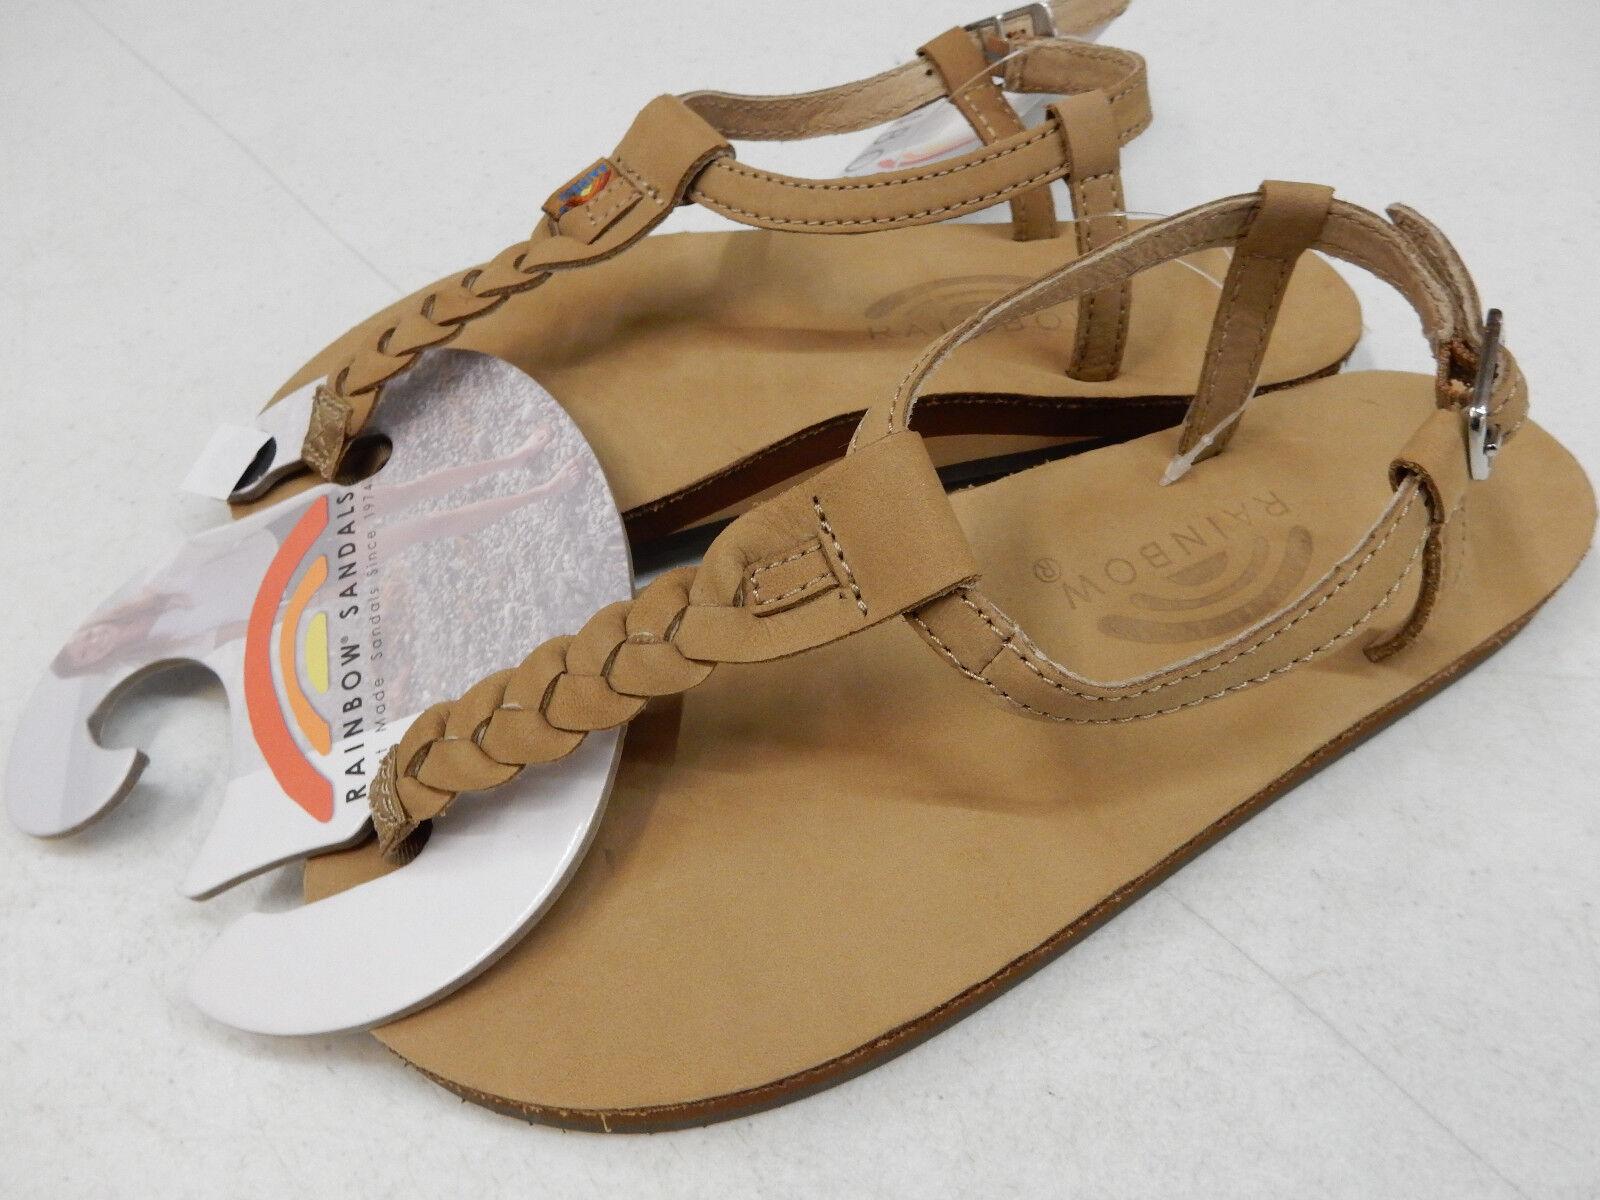 Ellie Shoes Women's 601 Juliet G Platform Sandal - Choose SZ/Color